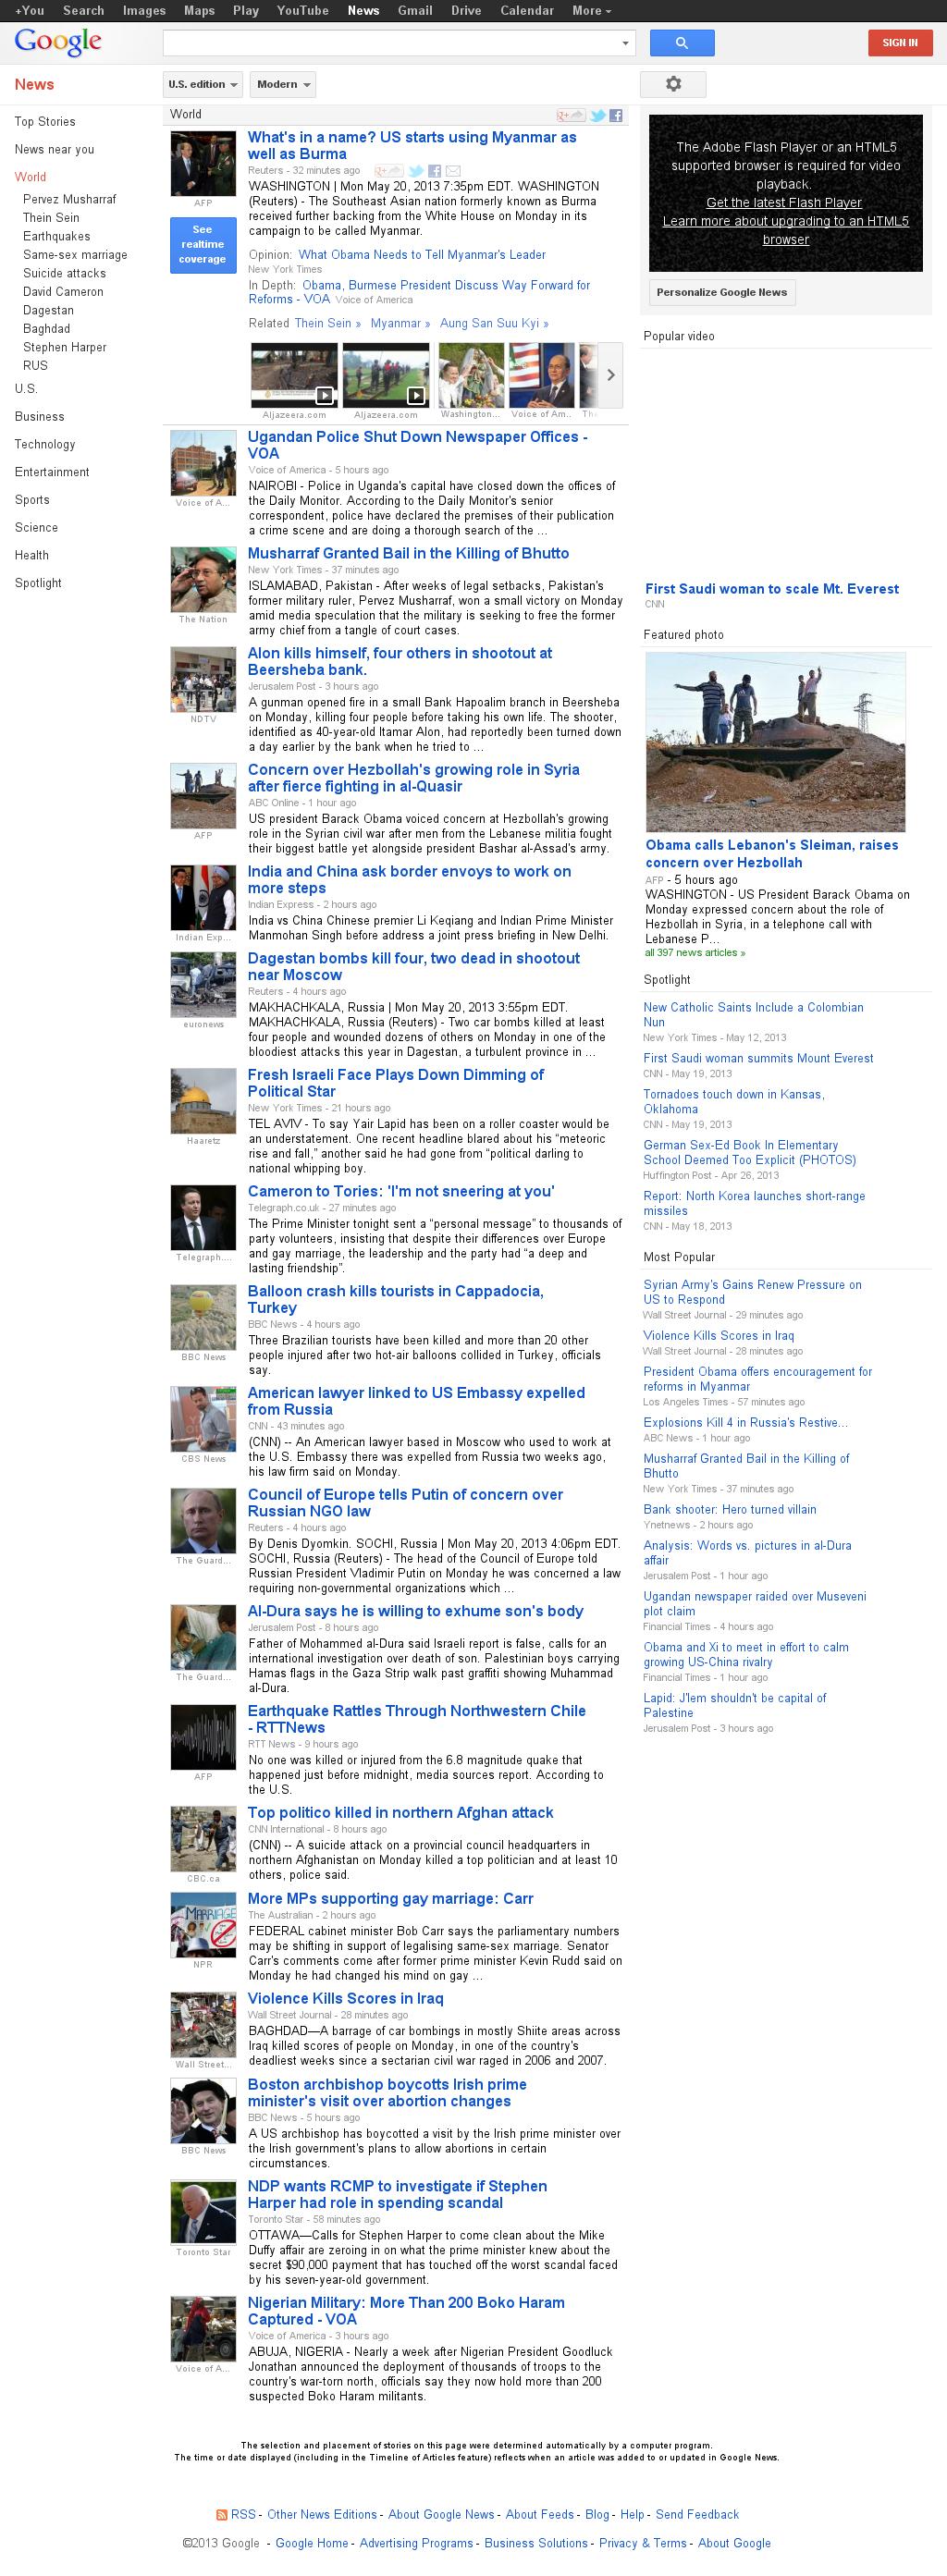 Google News: World at Tuesday May 21, 2013, 12:10 a.m. UTC